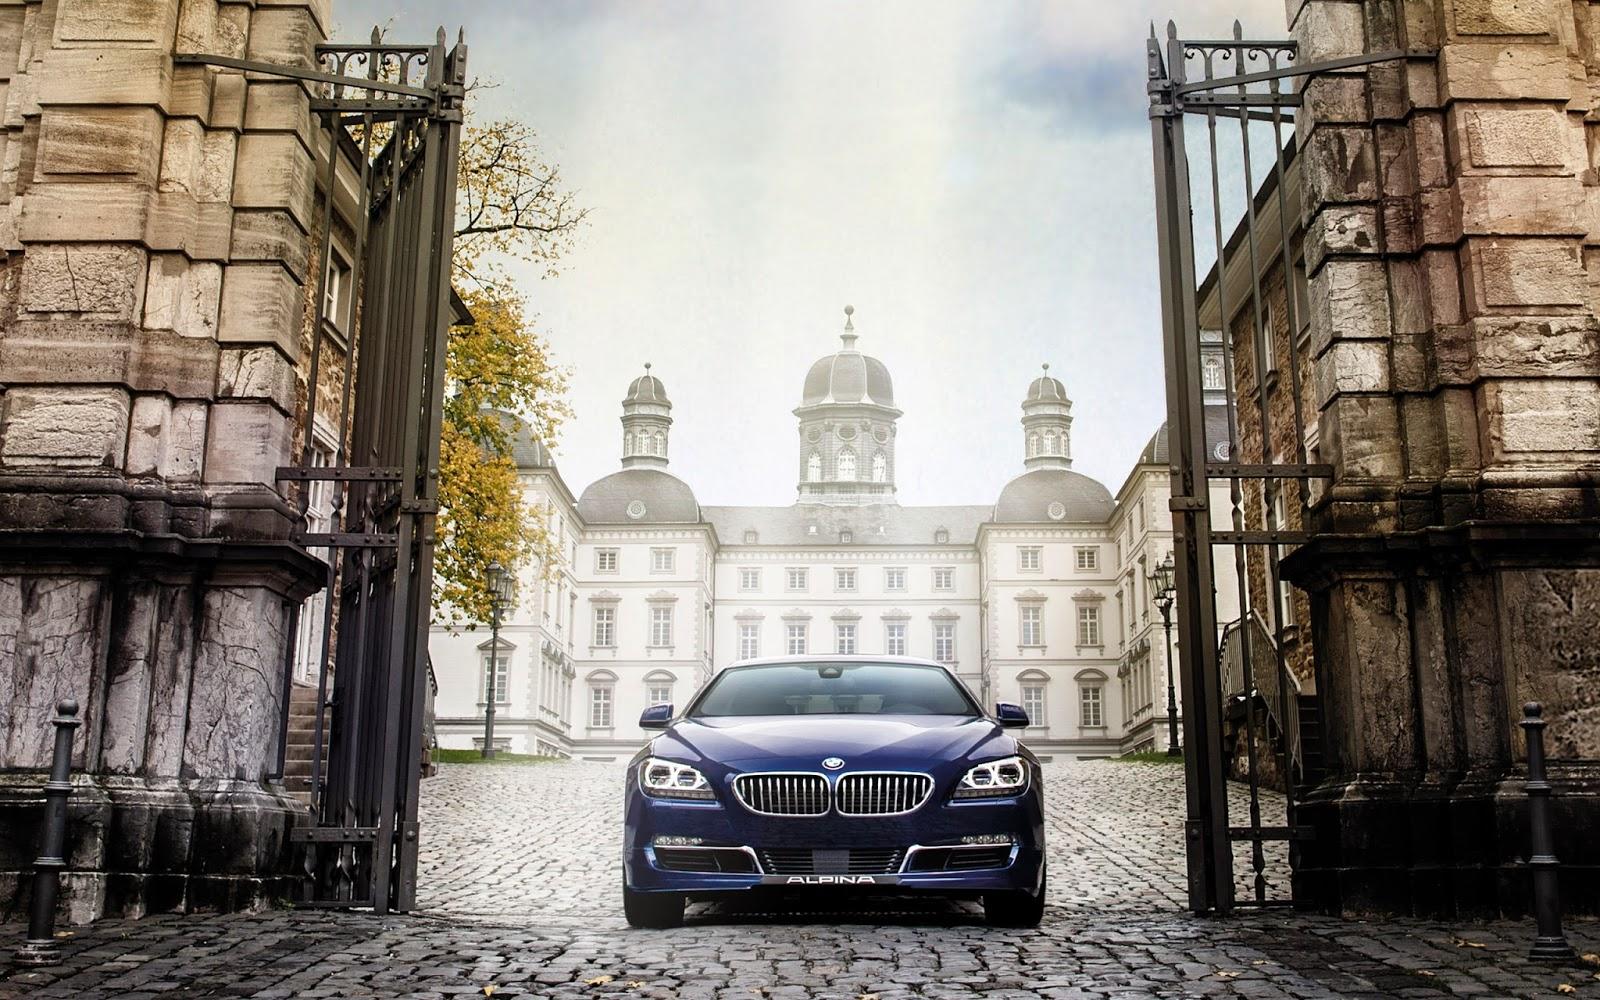 """<img src=""""http://4.bp.blogspot.com/-RydTJBOpOPs/UzM1LVretxI/AAAAAAAALOc/PgHxCoER7IE/s1600/bmw-alpina-wallpaper.jpg"""" alt=""""BMW Wallpapers"""" />"""